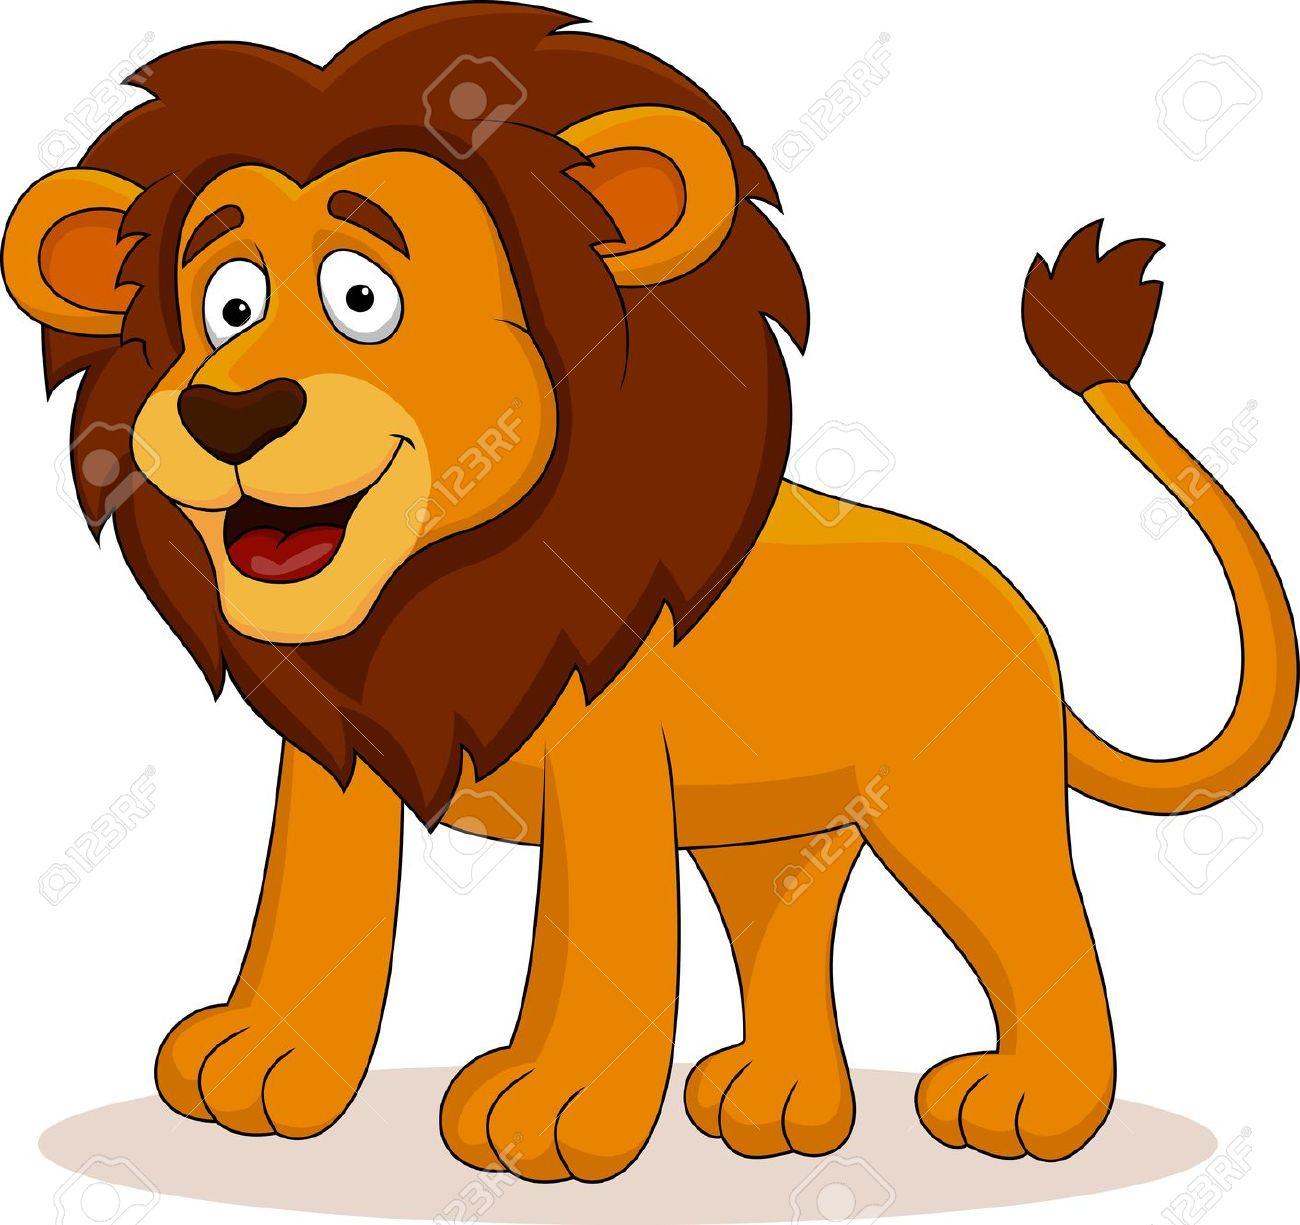 Clipart Lion Images